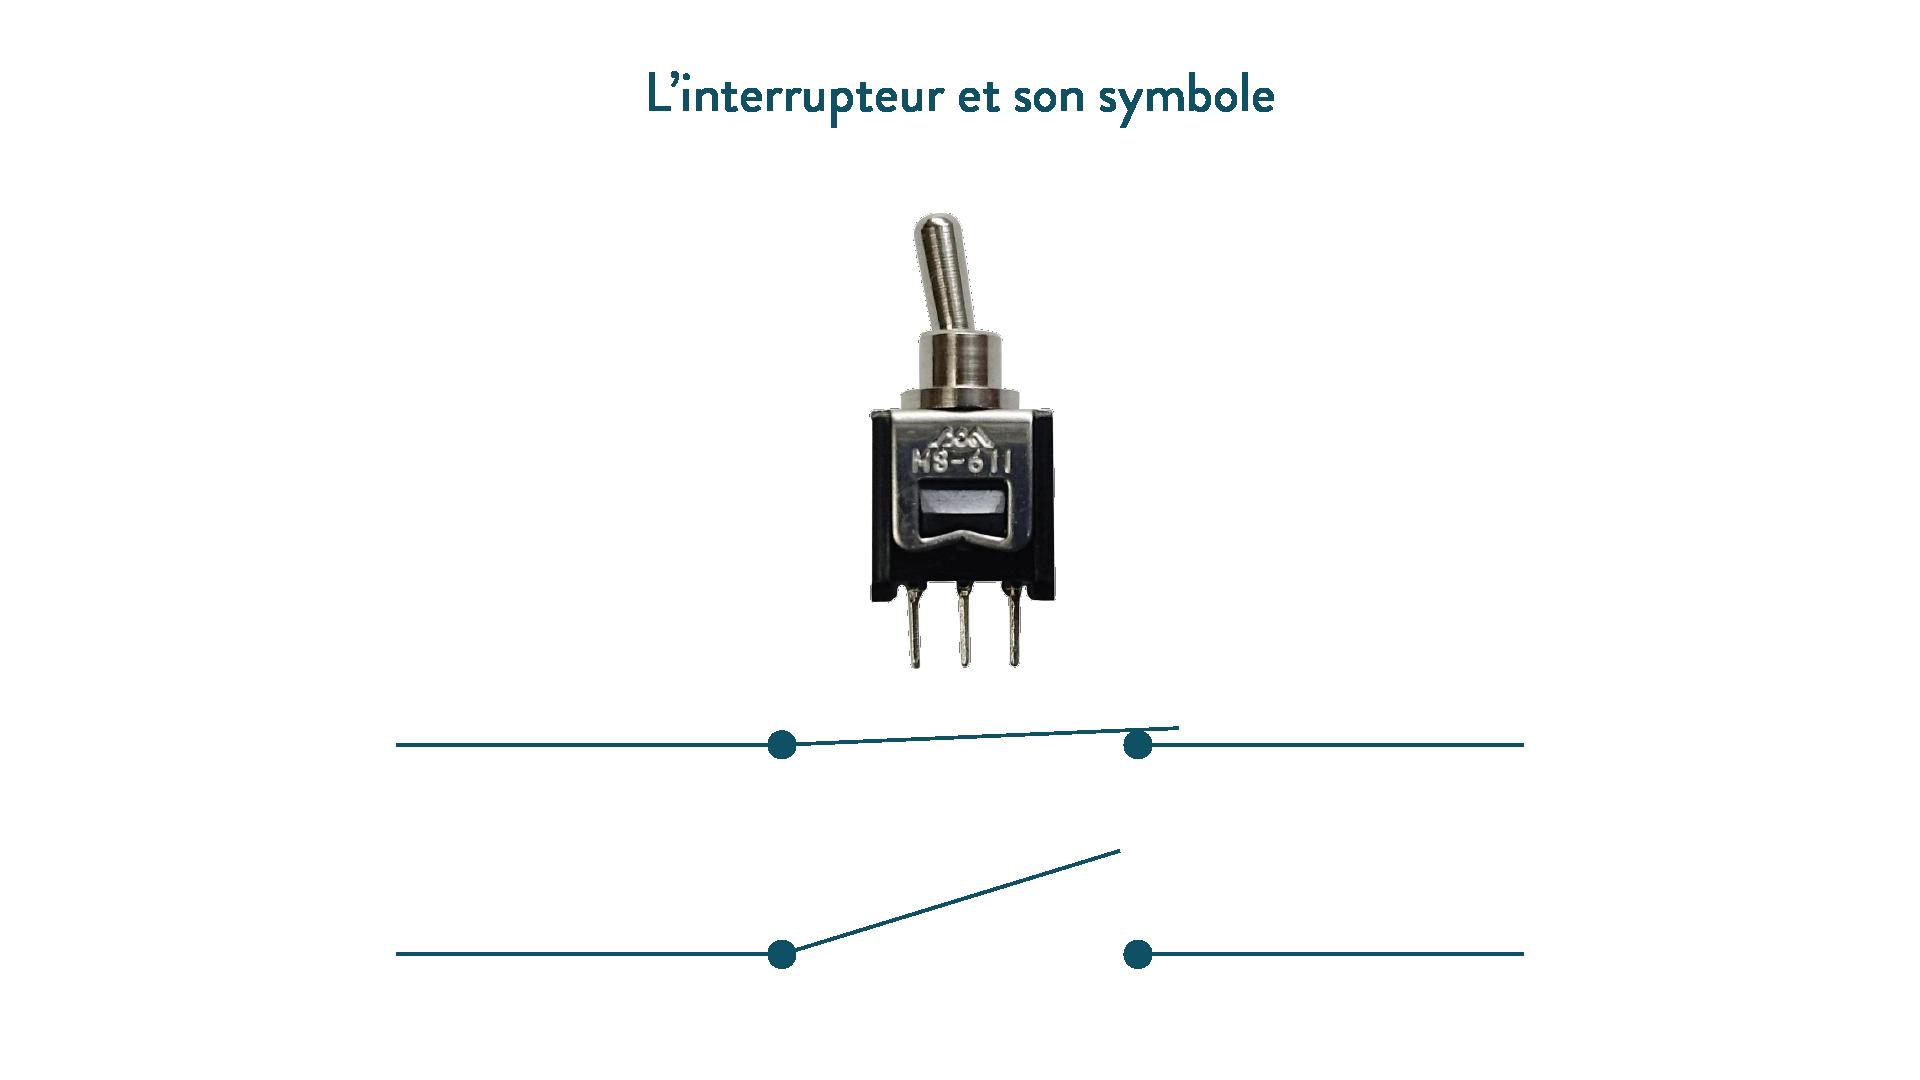 L'interrupteur et son symbole